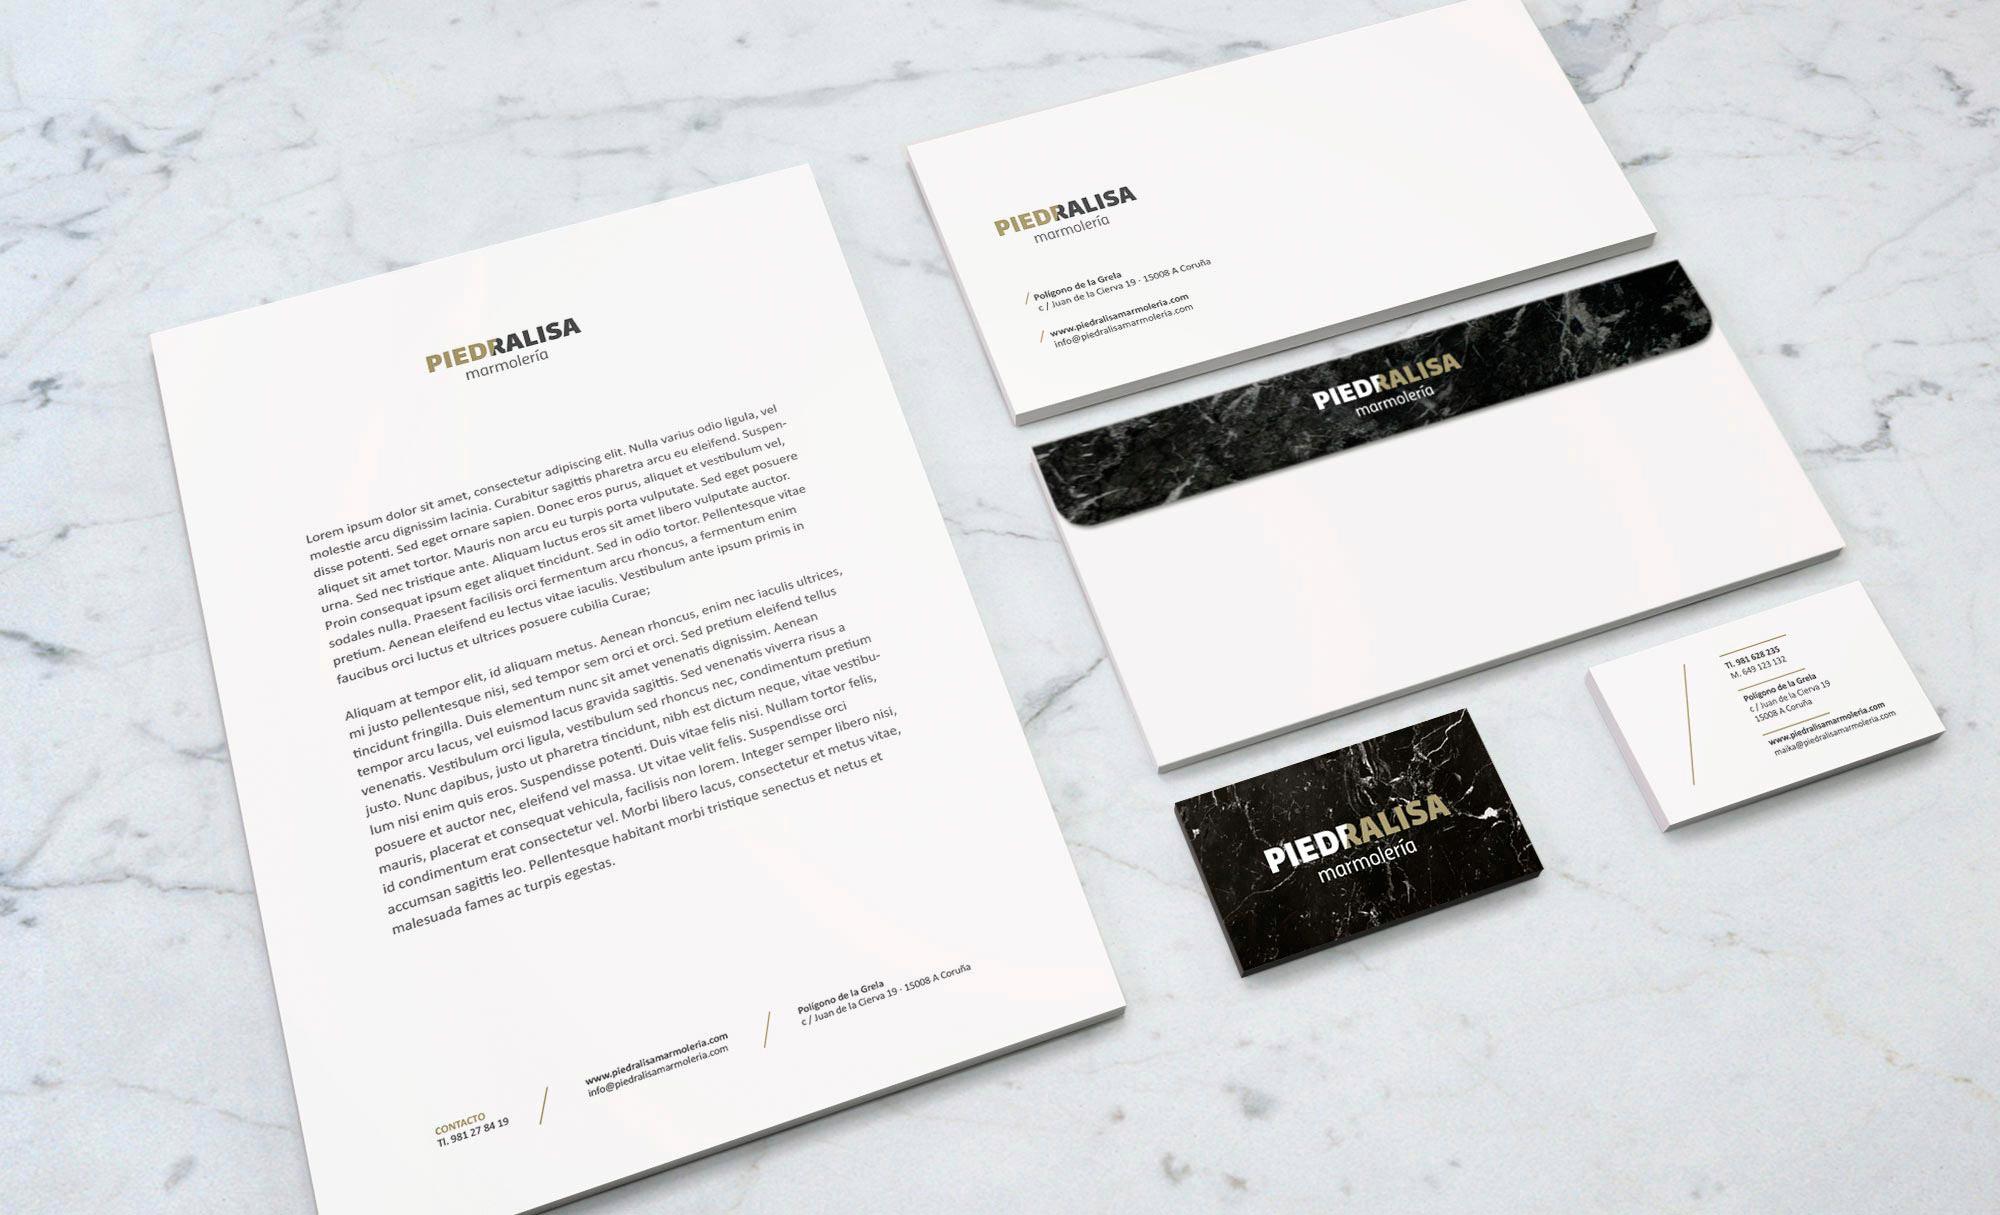 Aplicaciones de papelería de la marca Piedralisa en la que se ve el diseño de tarjetas, papel de carta y sobres